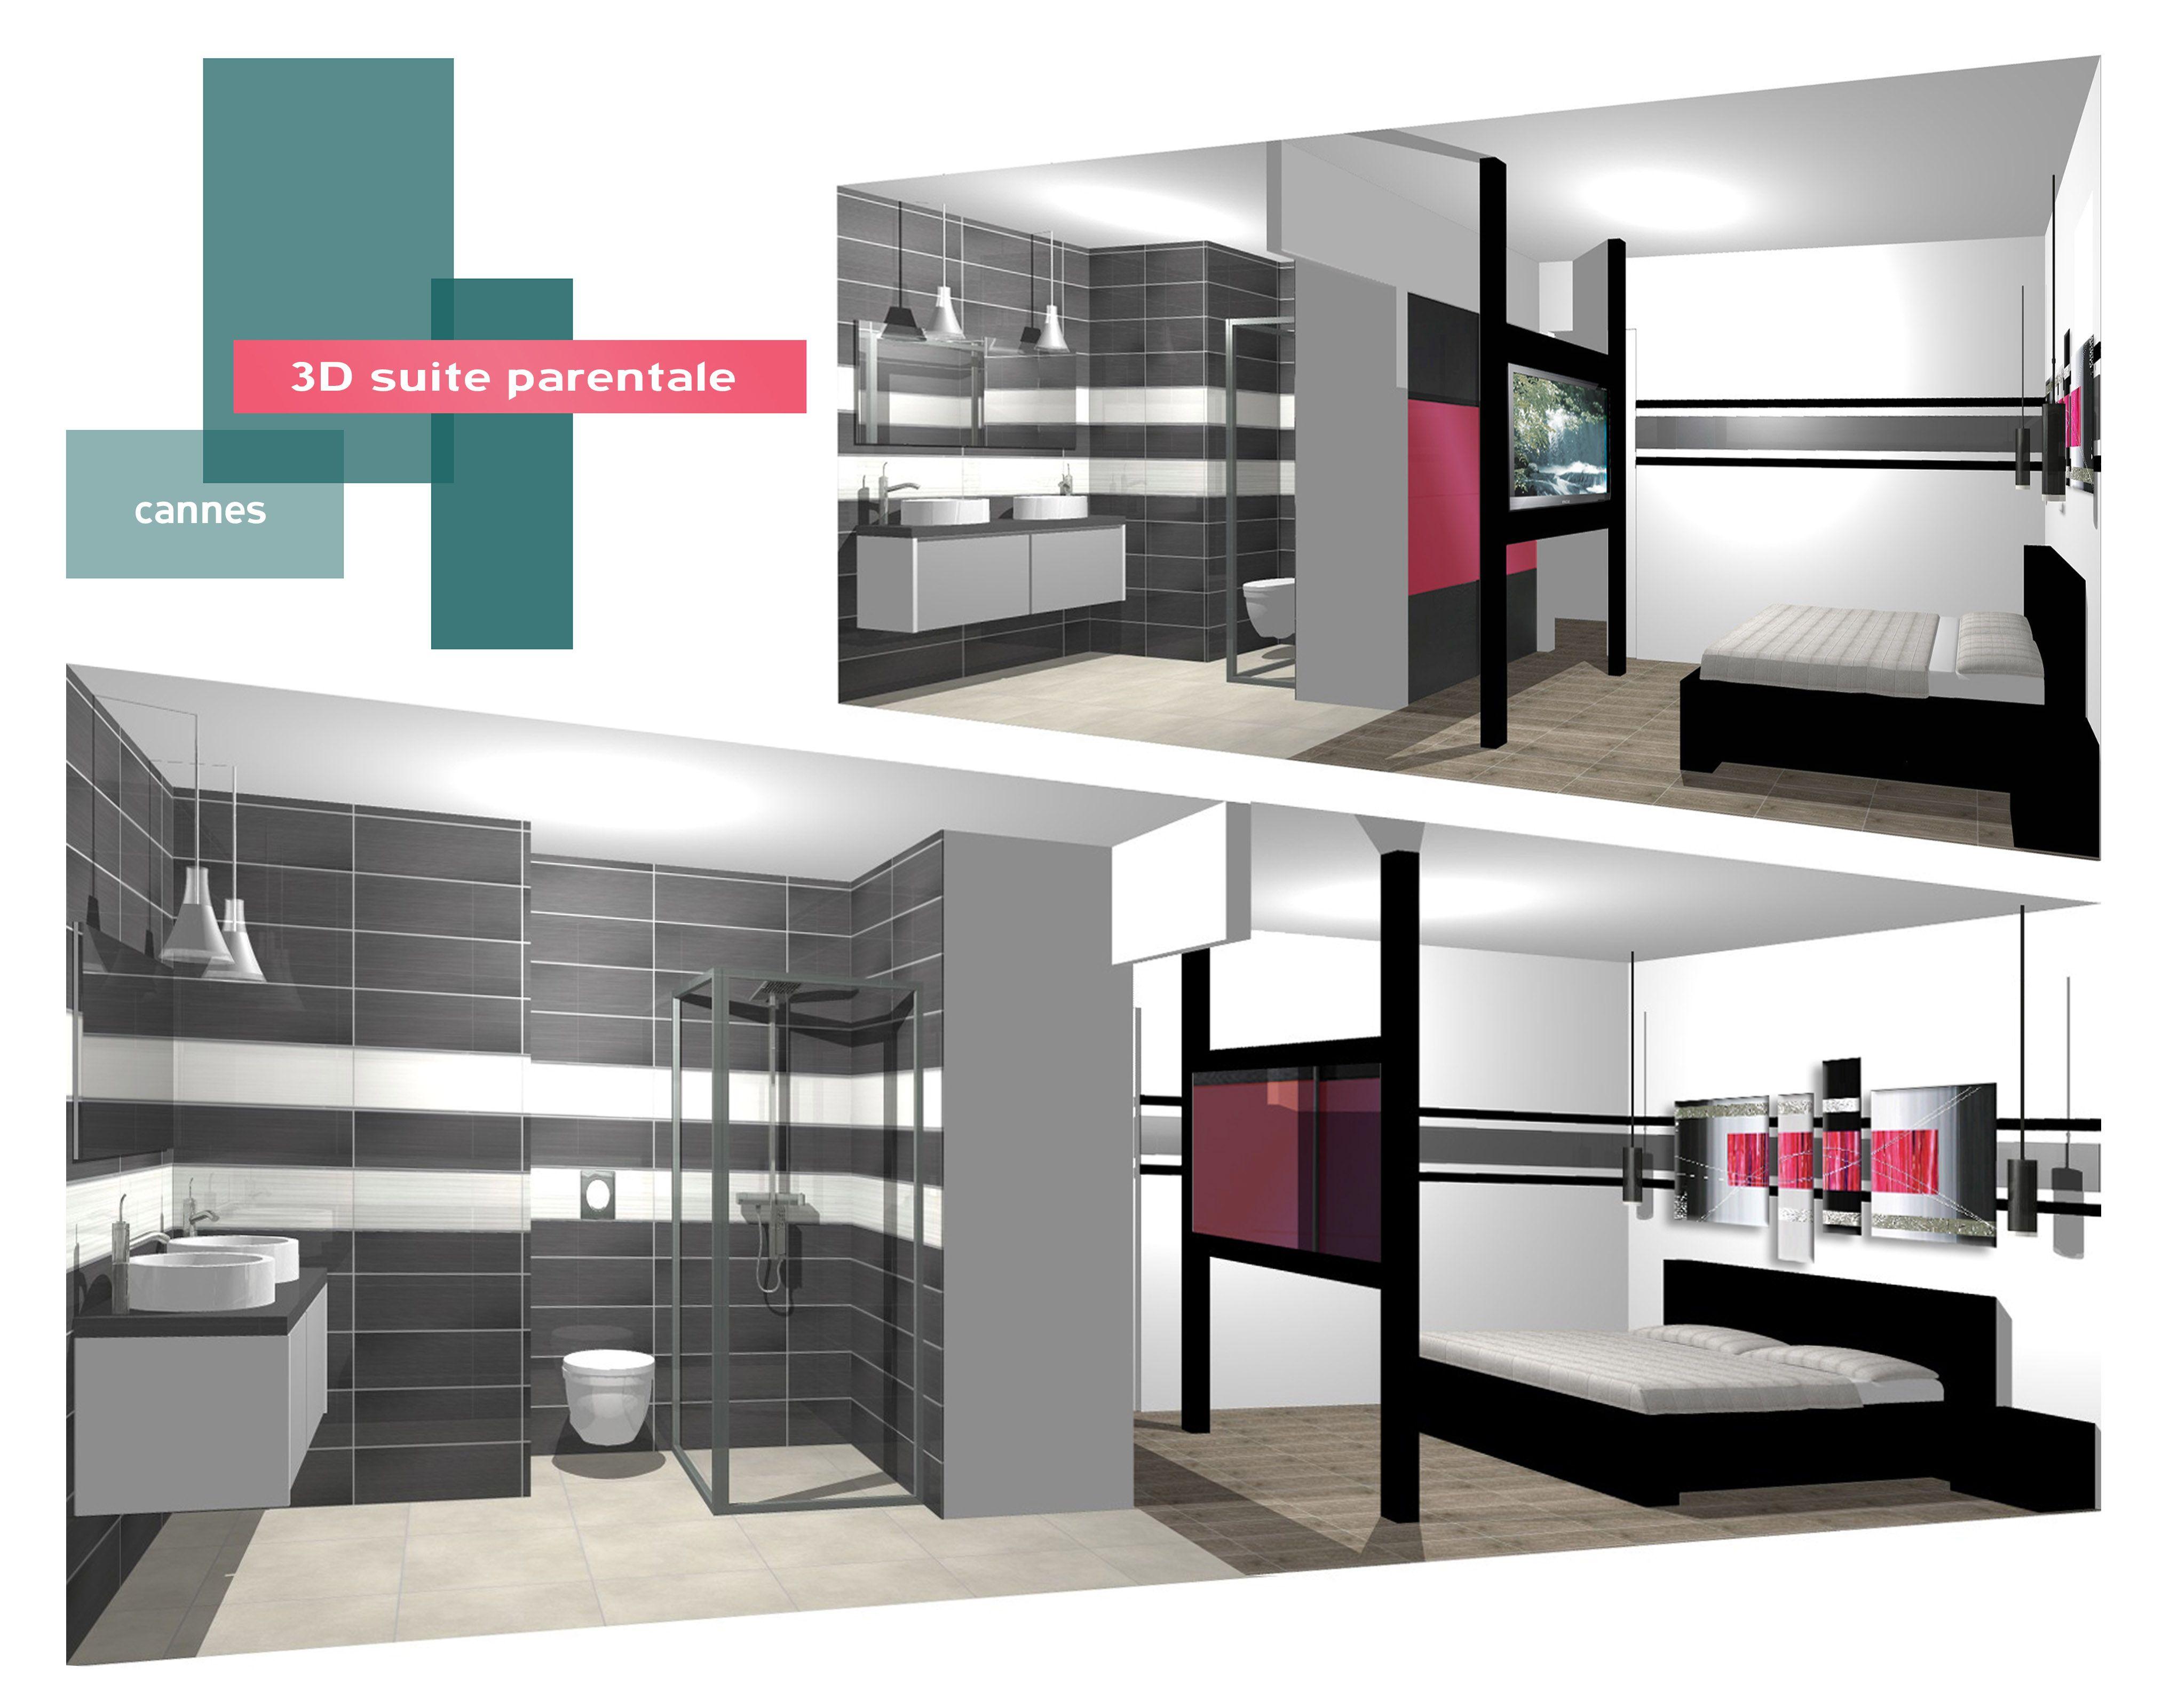 3D suite parentale | B_indoor | http://www.b-indoor.com ...